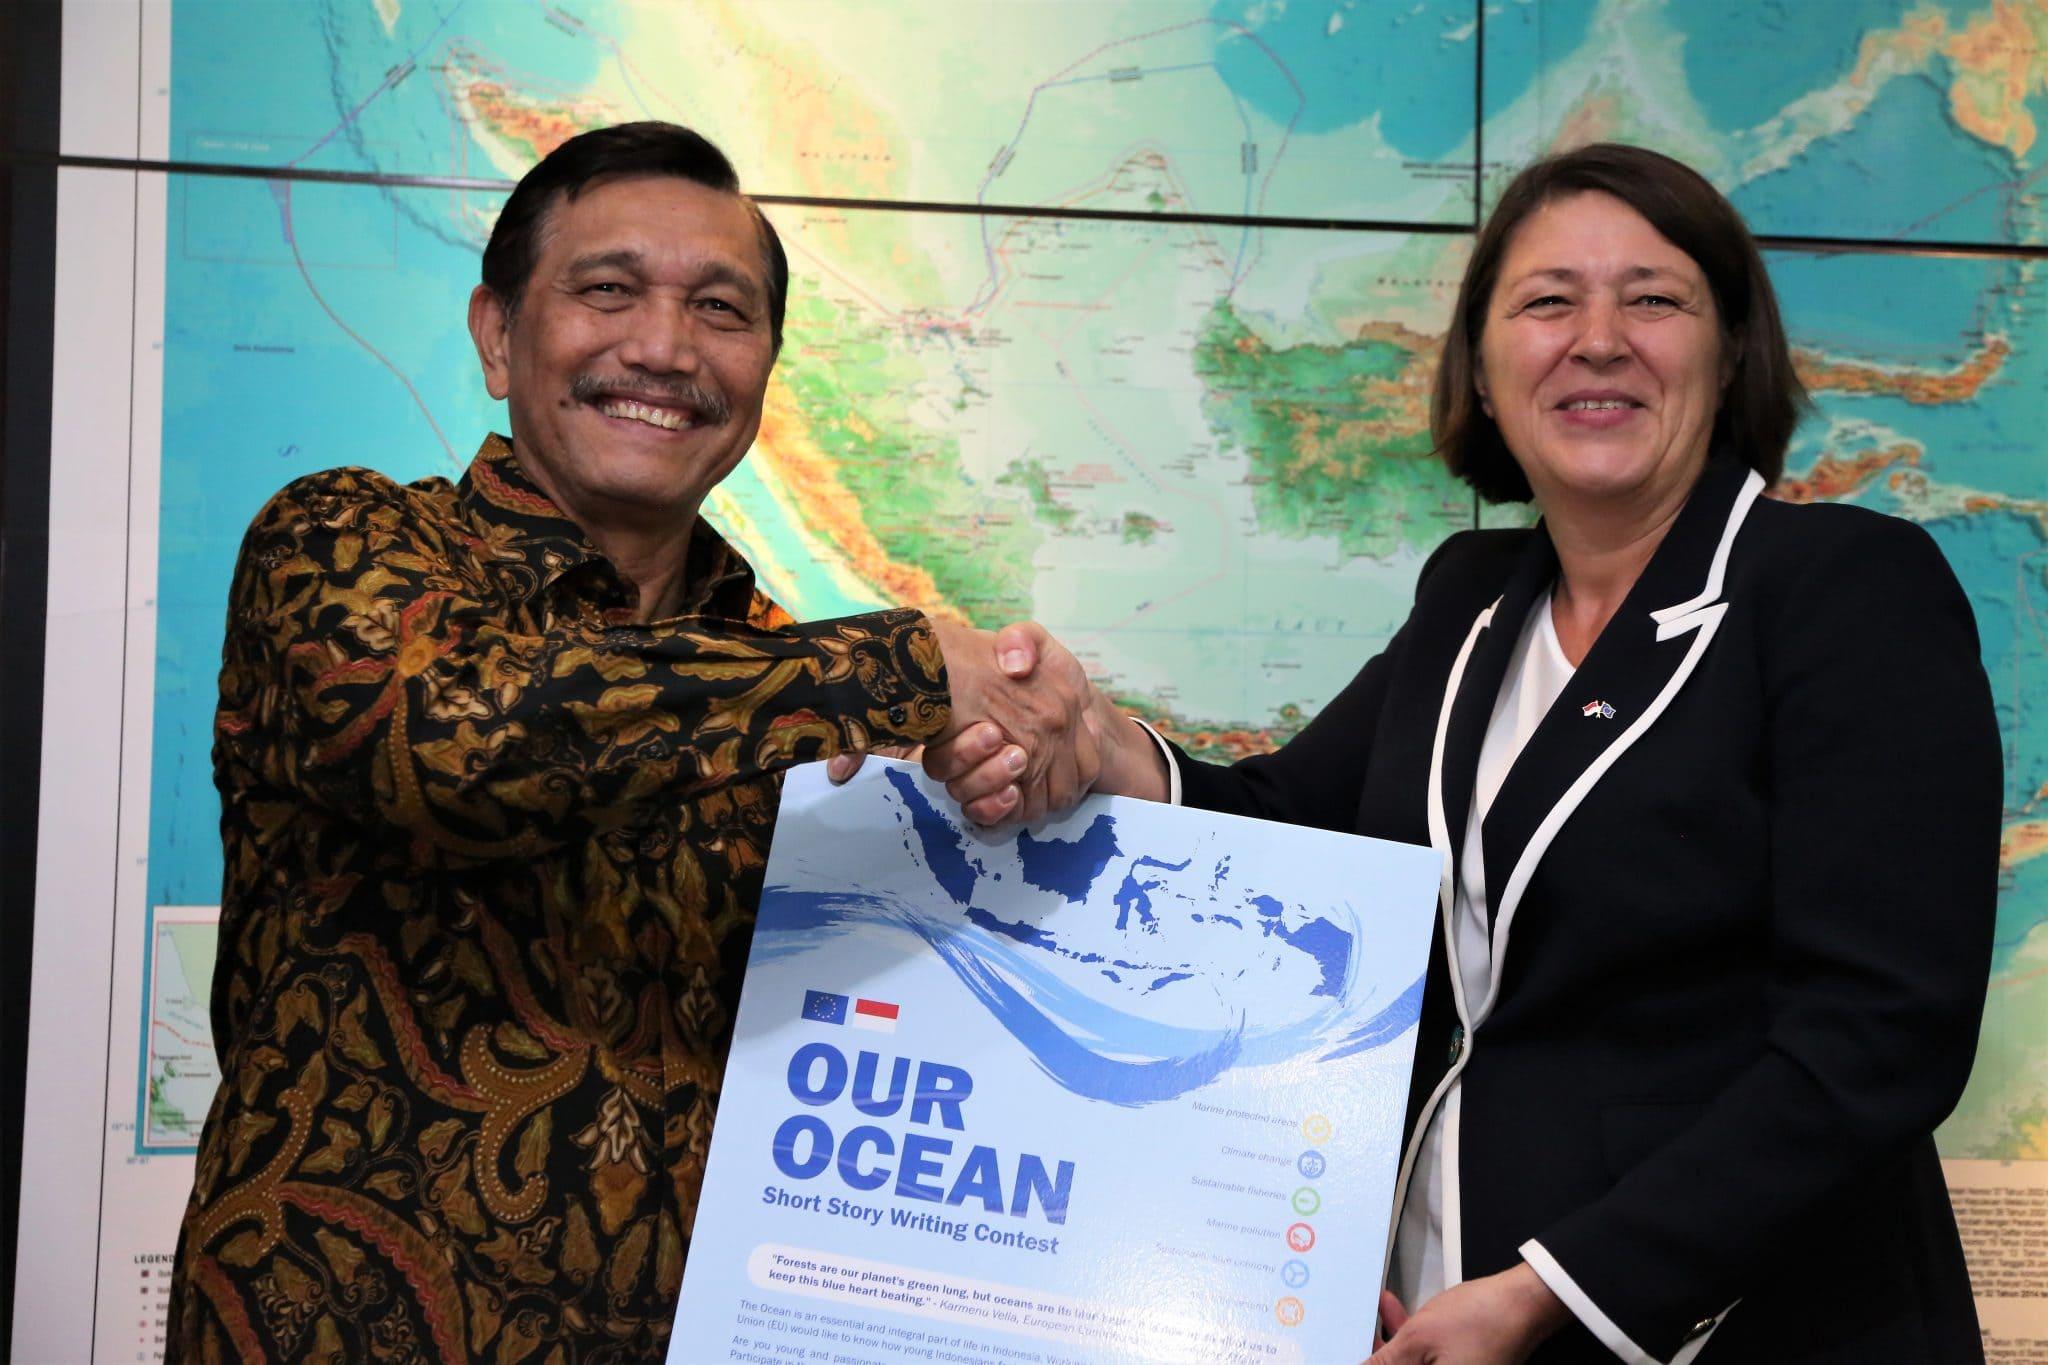 Menko Luhut Pertemuan Bilateral Indonesia – Uni Eropa di Kantor Maritim